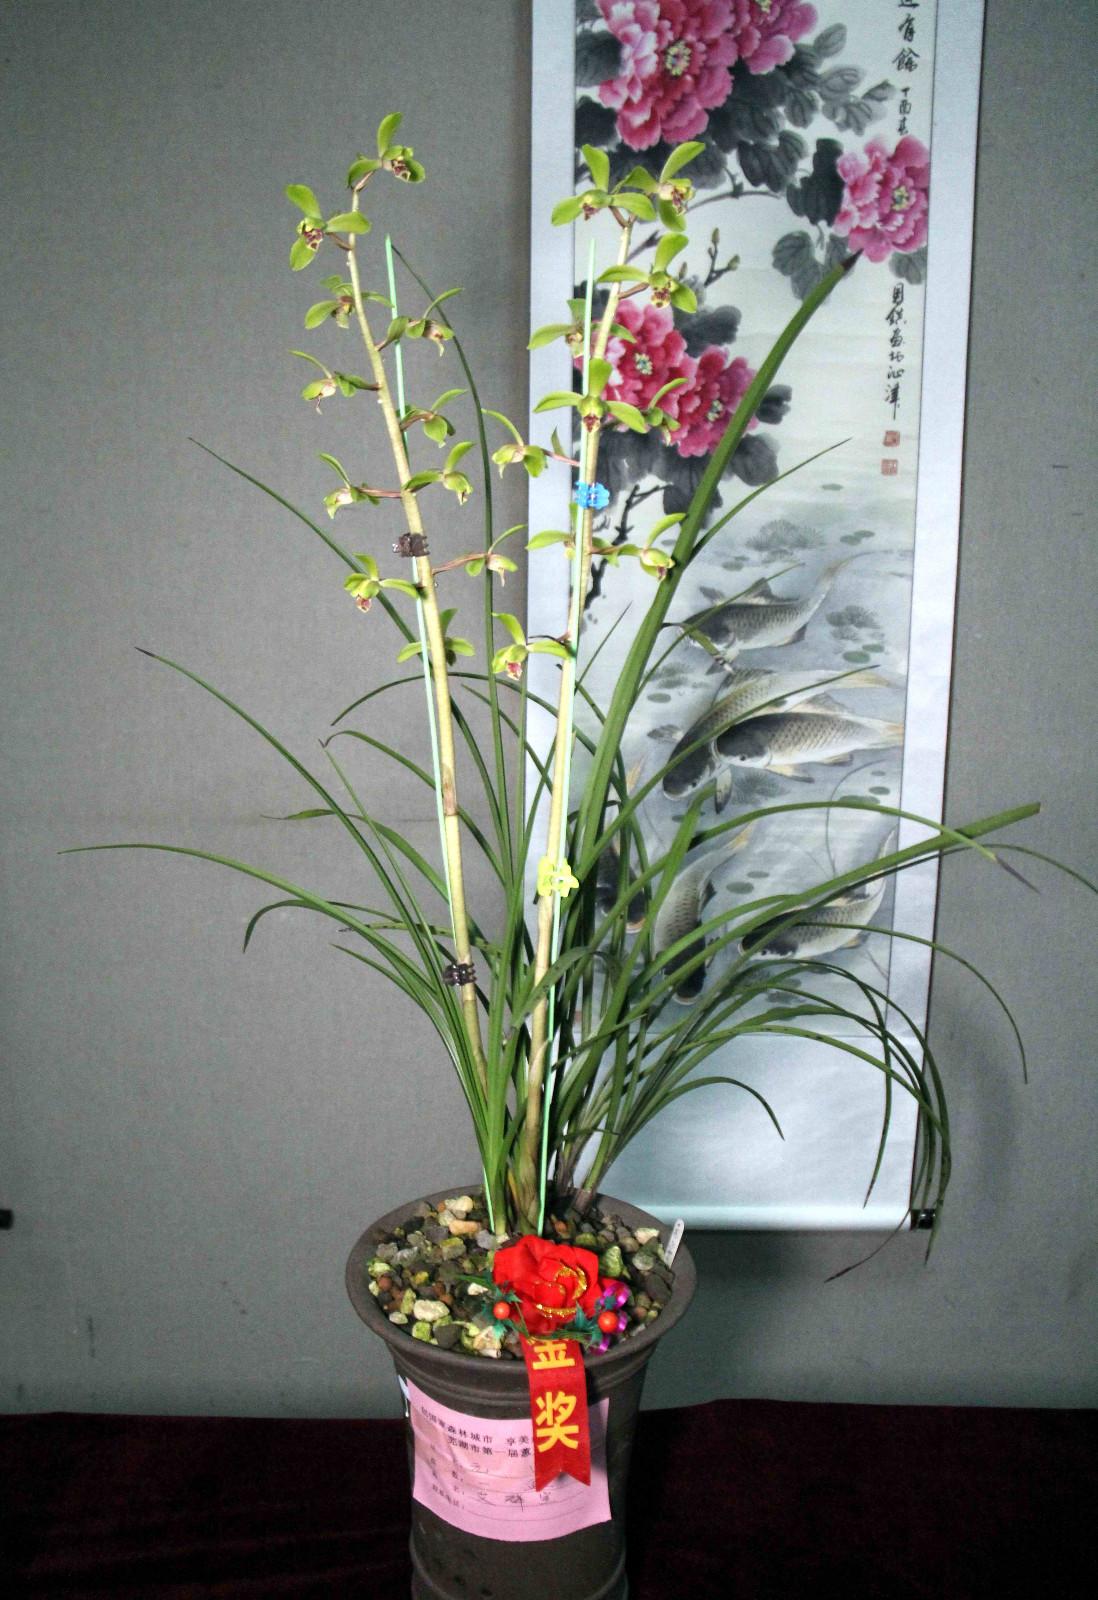 荡字,为竹瓣荷形水仙,被列入传统蕙兰老八种之一,为蕙兰中典型小荷瓣图片